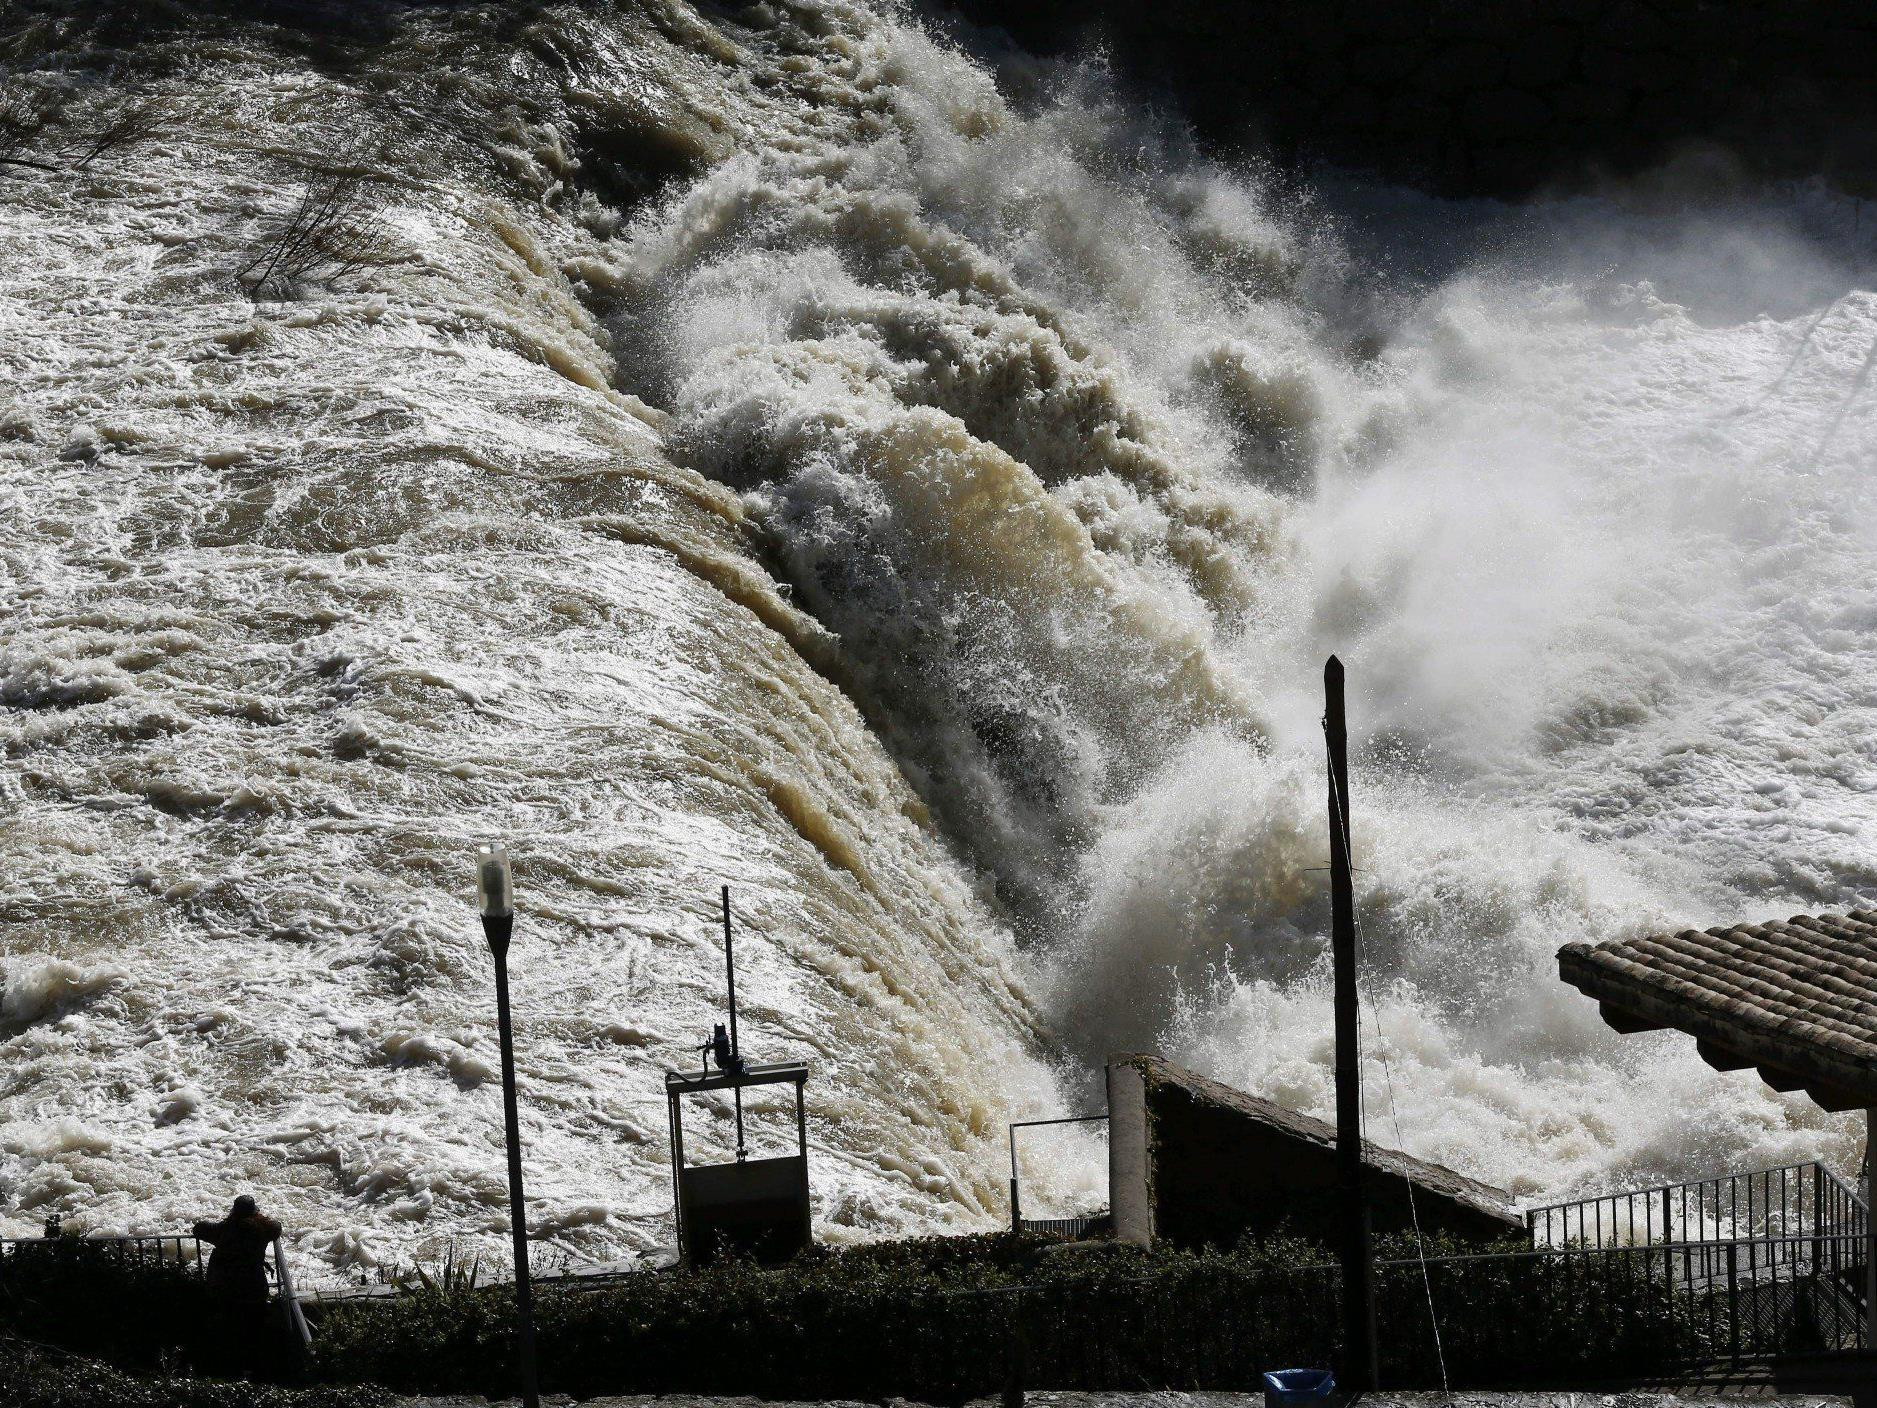 Zwölf Meter hohe Wellen an Atlantikküste.